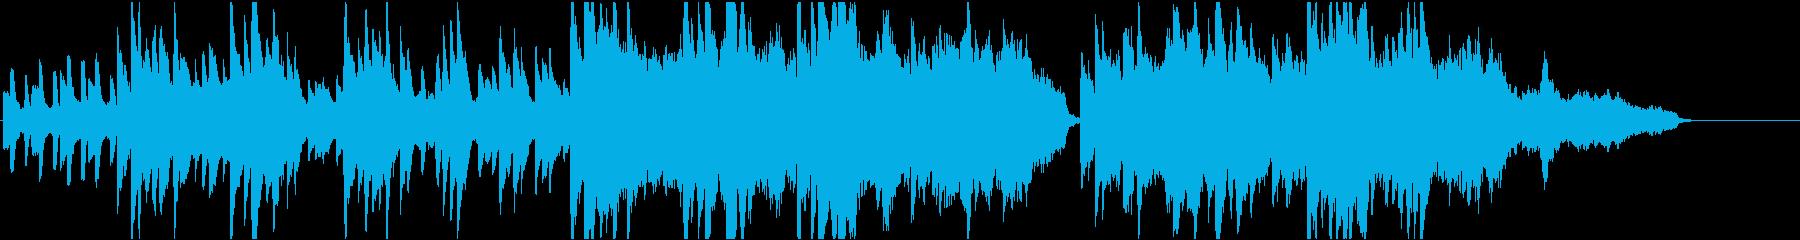 企業VP32 16bit44kHzVerの再生済みの波形